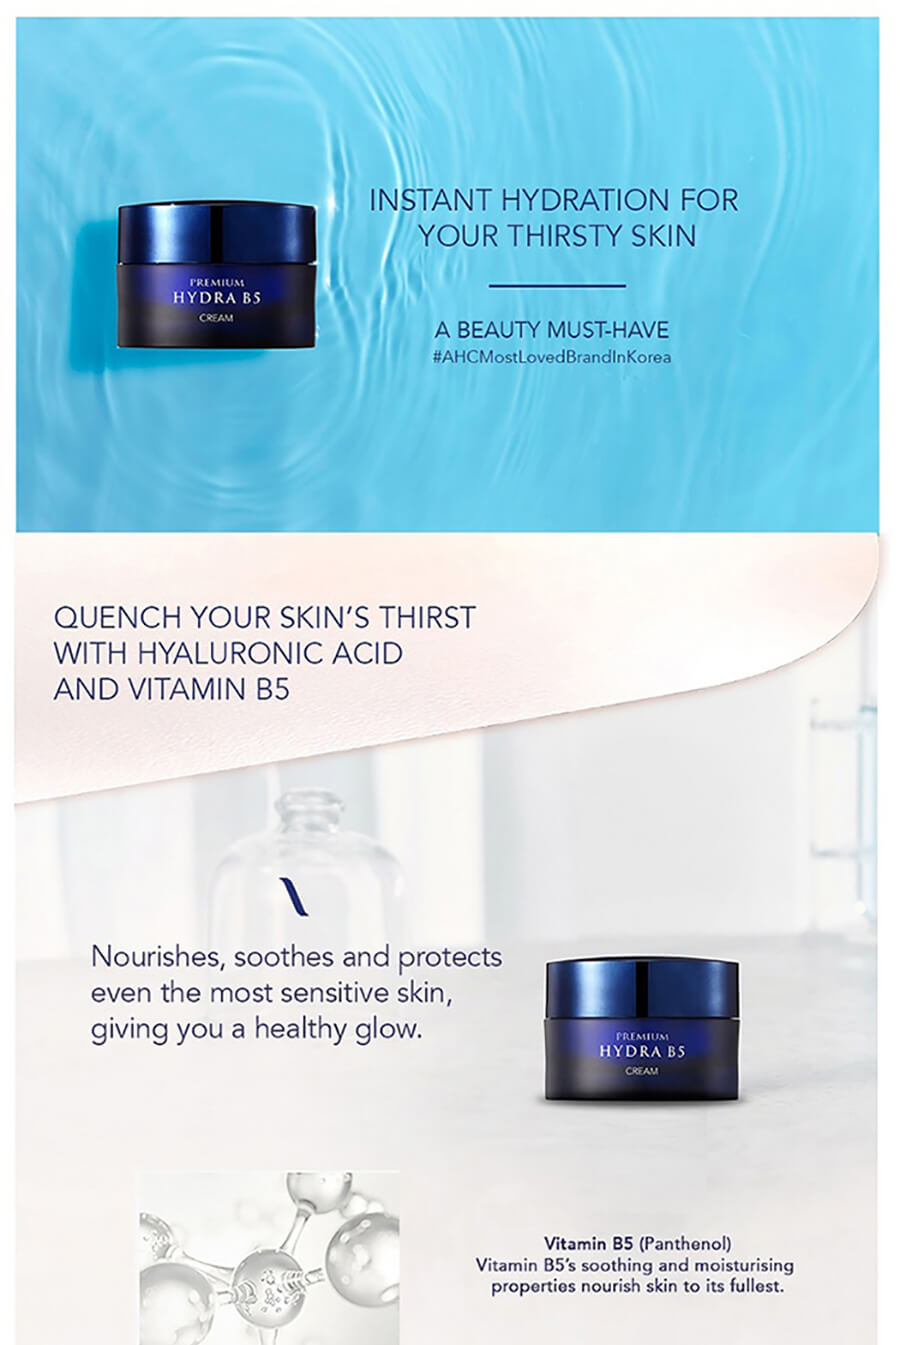 Premium Hydra B5 Cream - Introduction